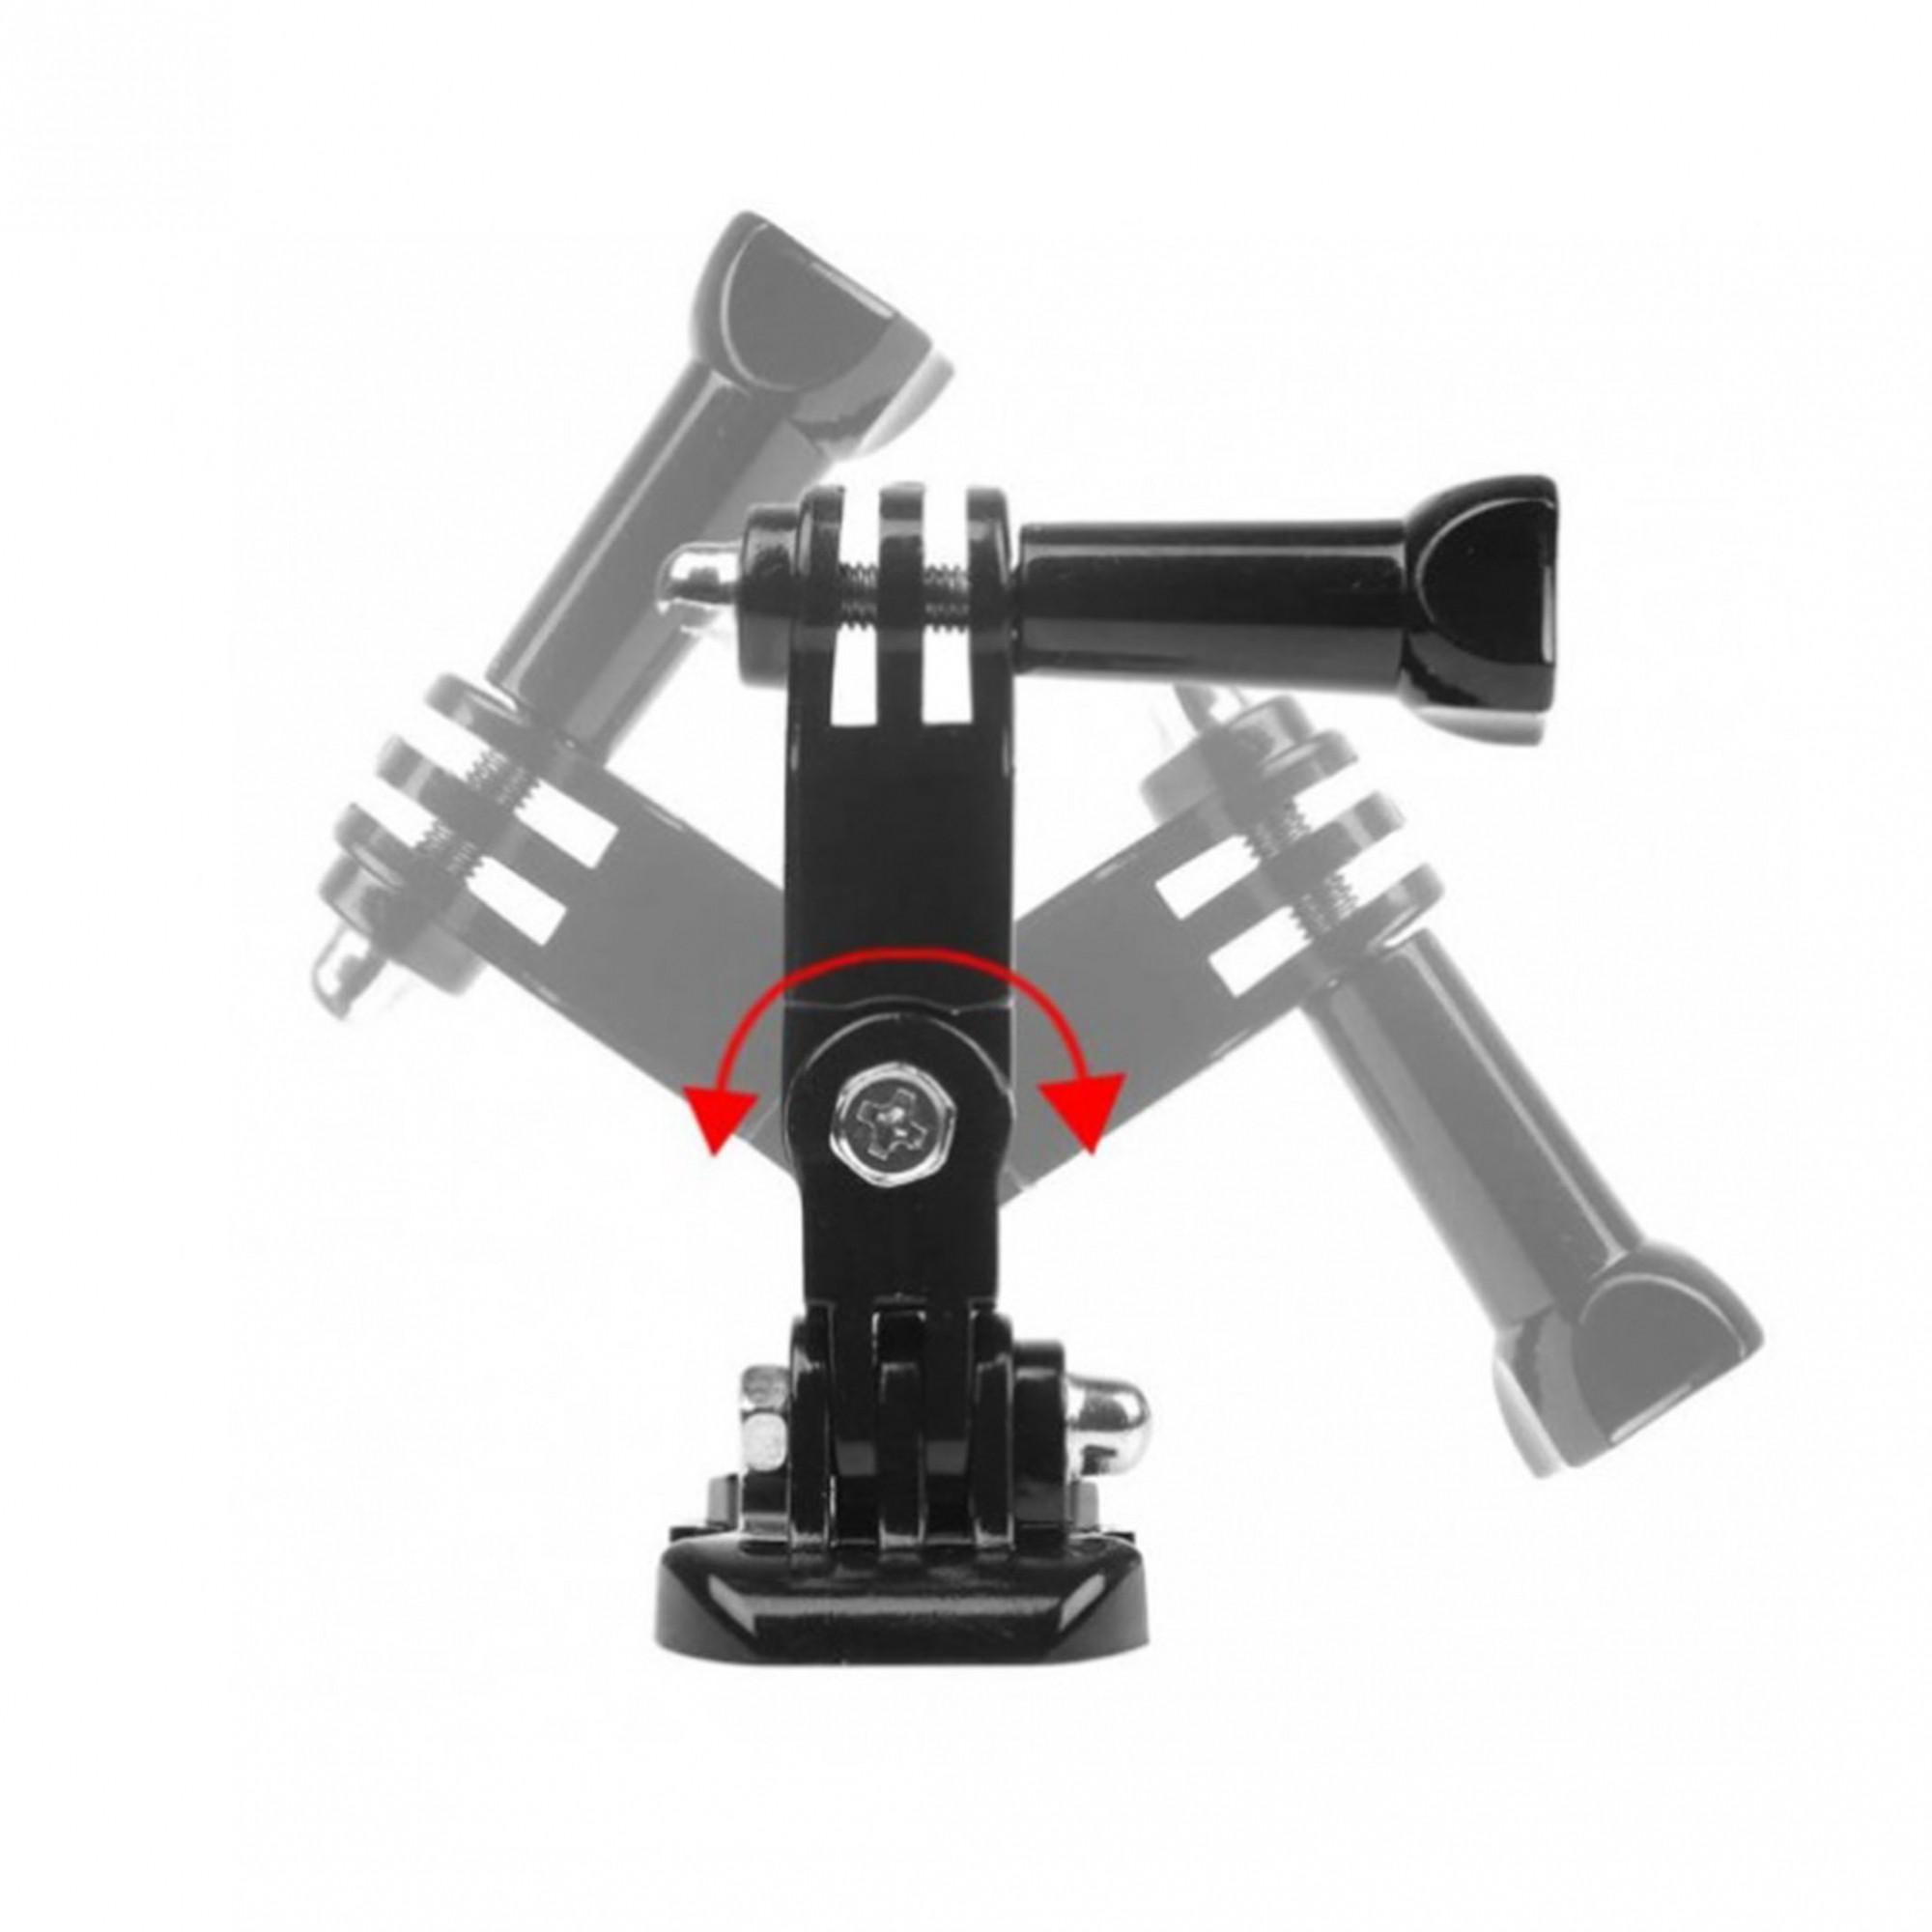 Suporte Montagem Vertical com Engate Rápido para GoPro e Câmeras Similares